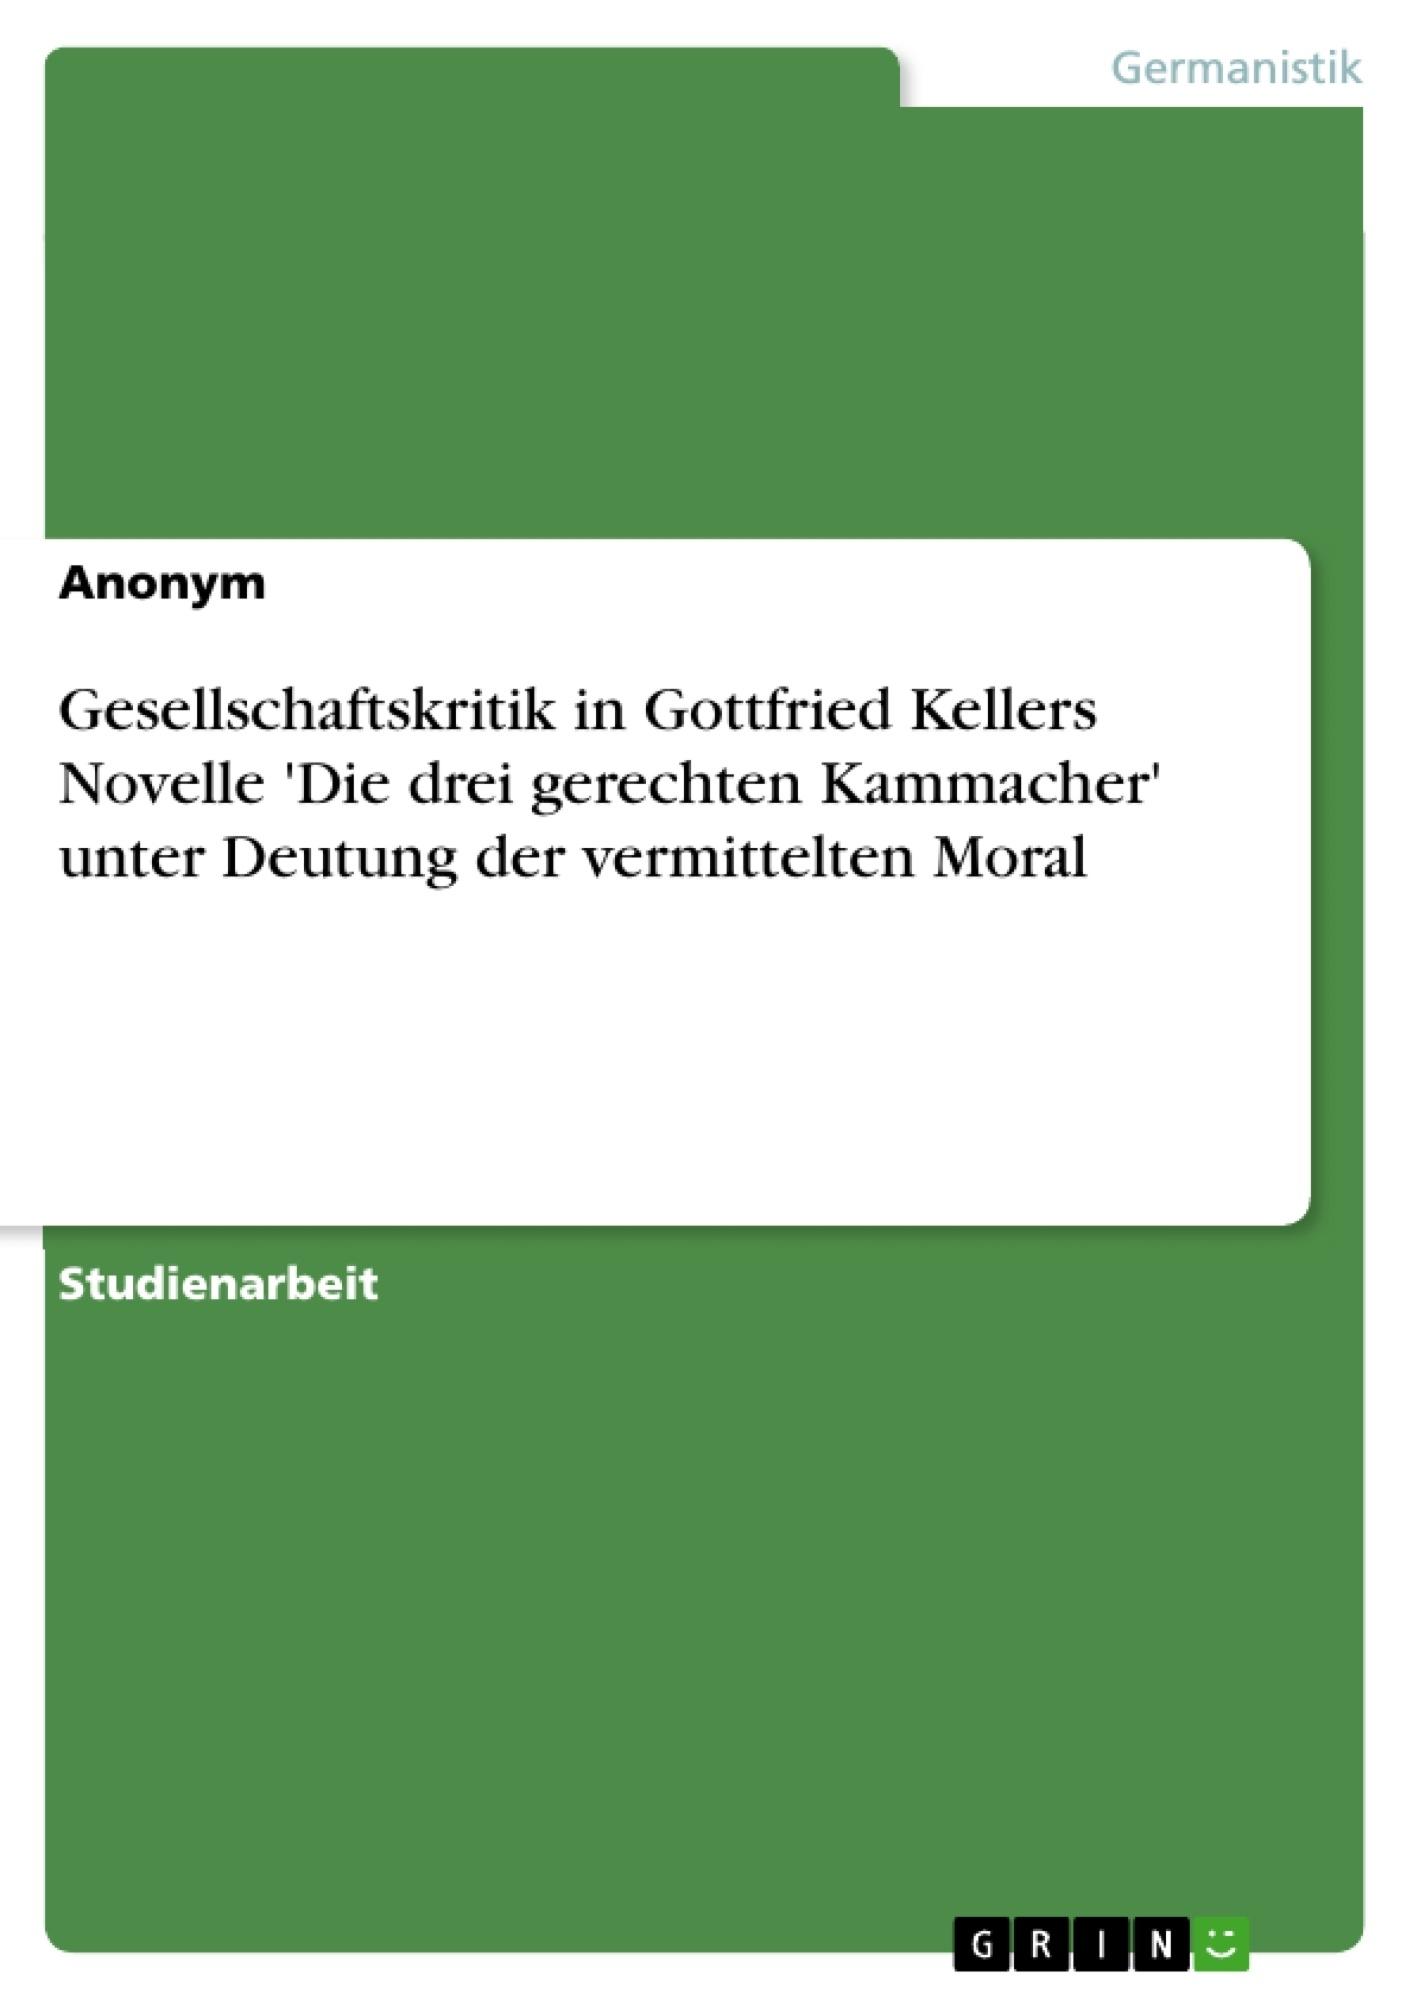 Titel: Gesellschaftskritik in Gottfried Kellers Novelle 'Die drei gerechten Kammacher' unter Deutung der vermittelten Moral